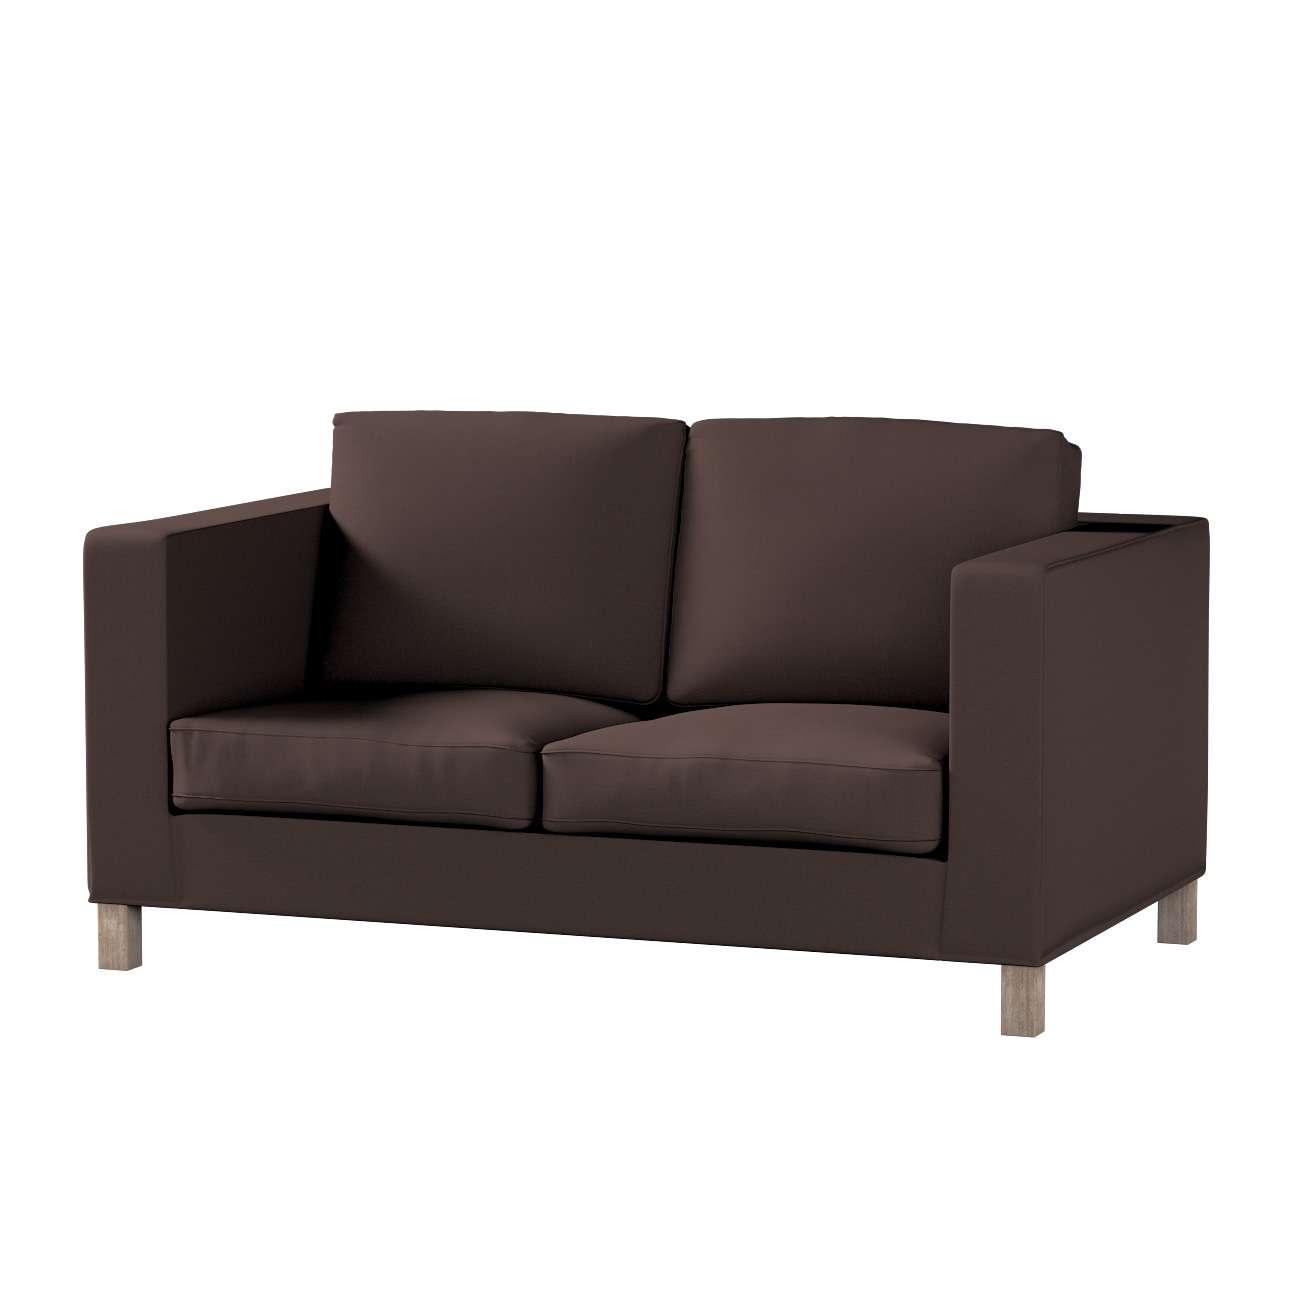 KARLANDA dvivietės sofos užvalkalas KARLANDA dvivietės sofos užvalkalas kolekcijoje Cotton Panama, audinys: 702-03